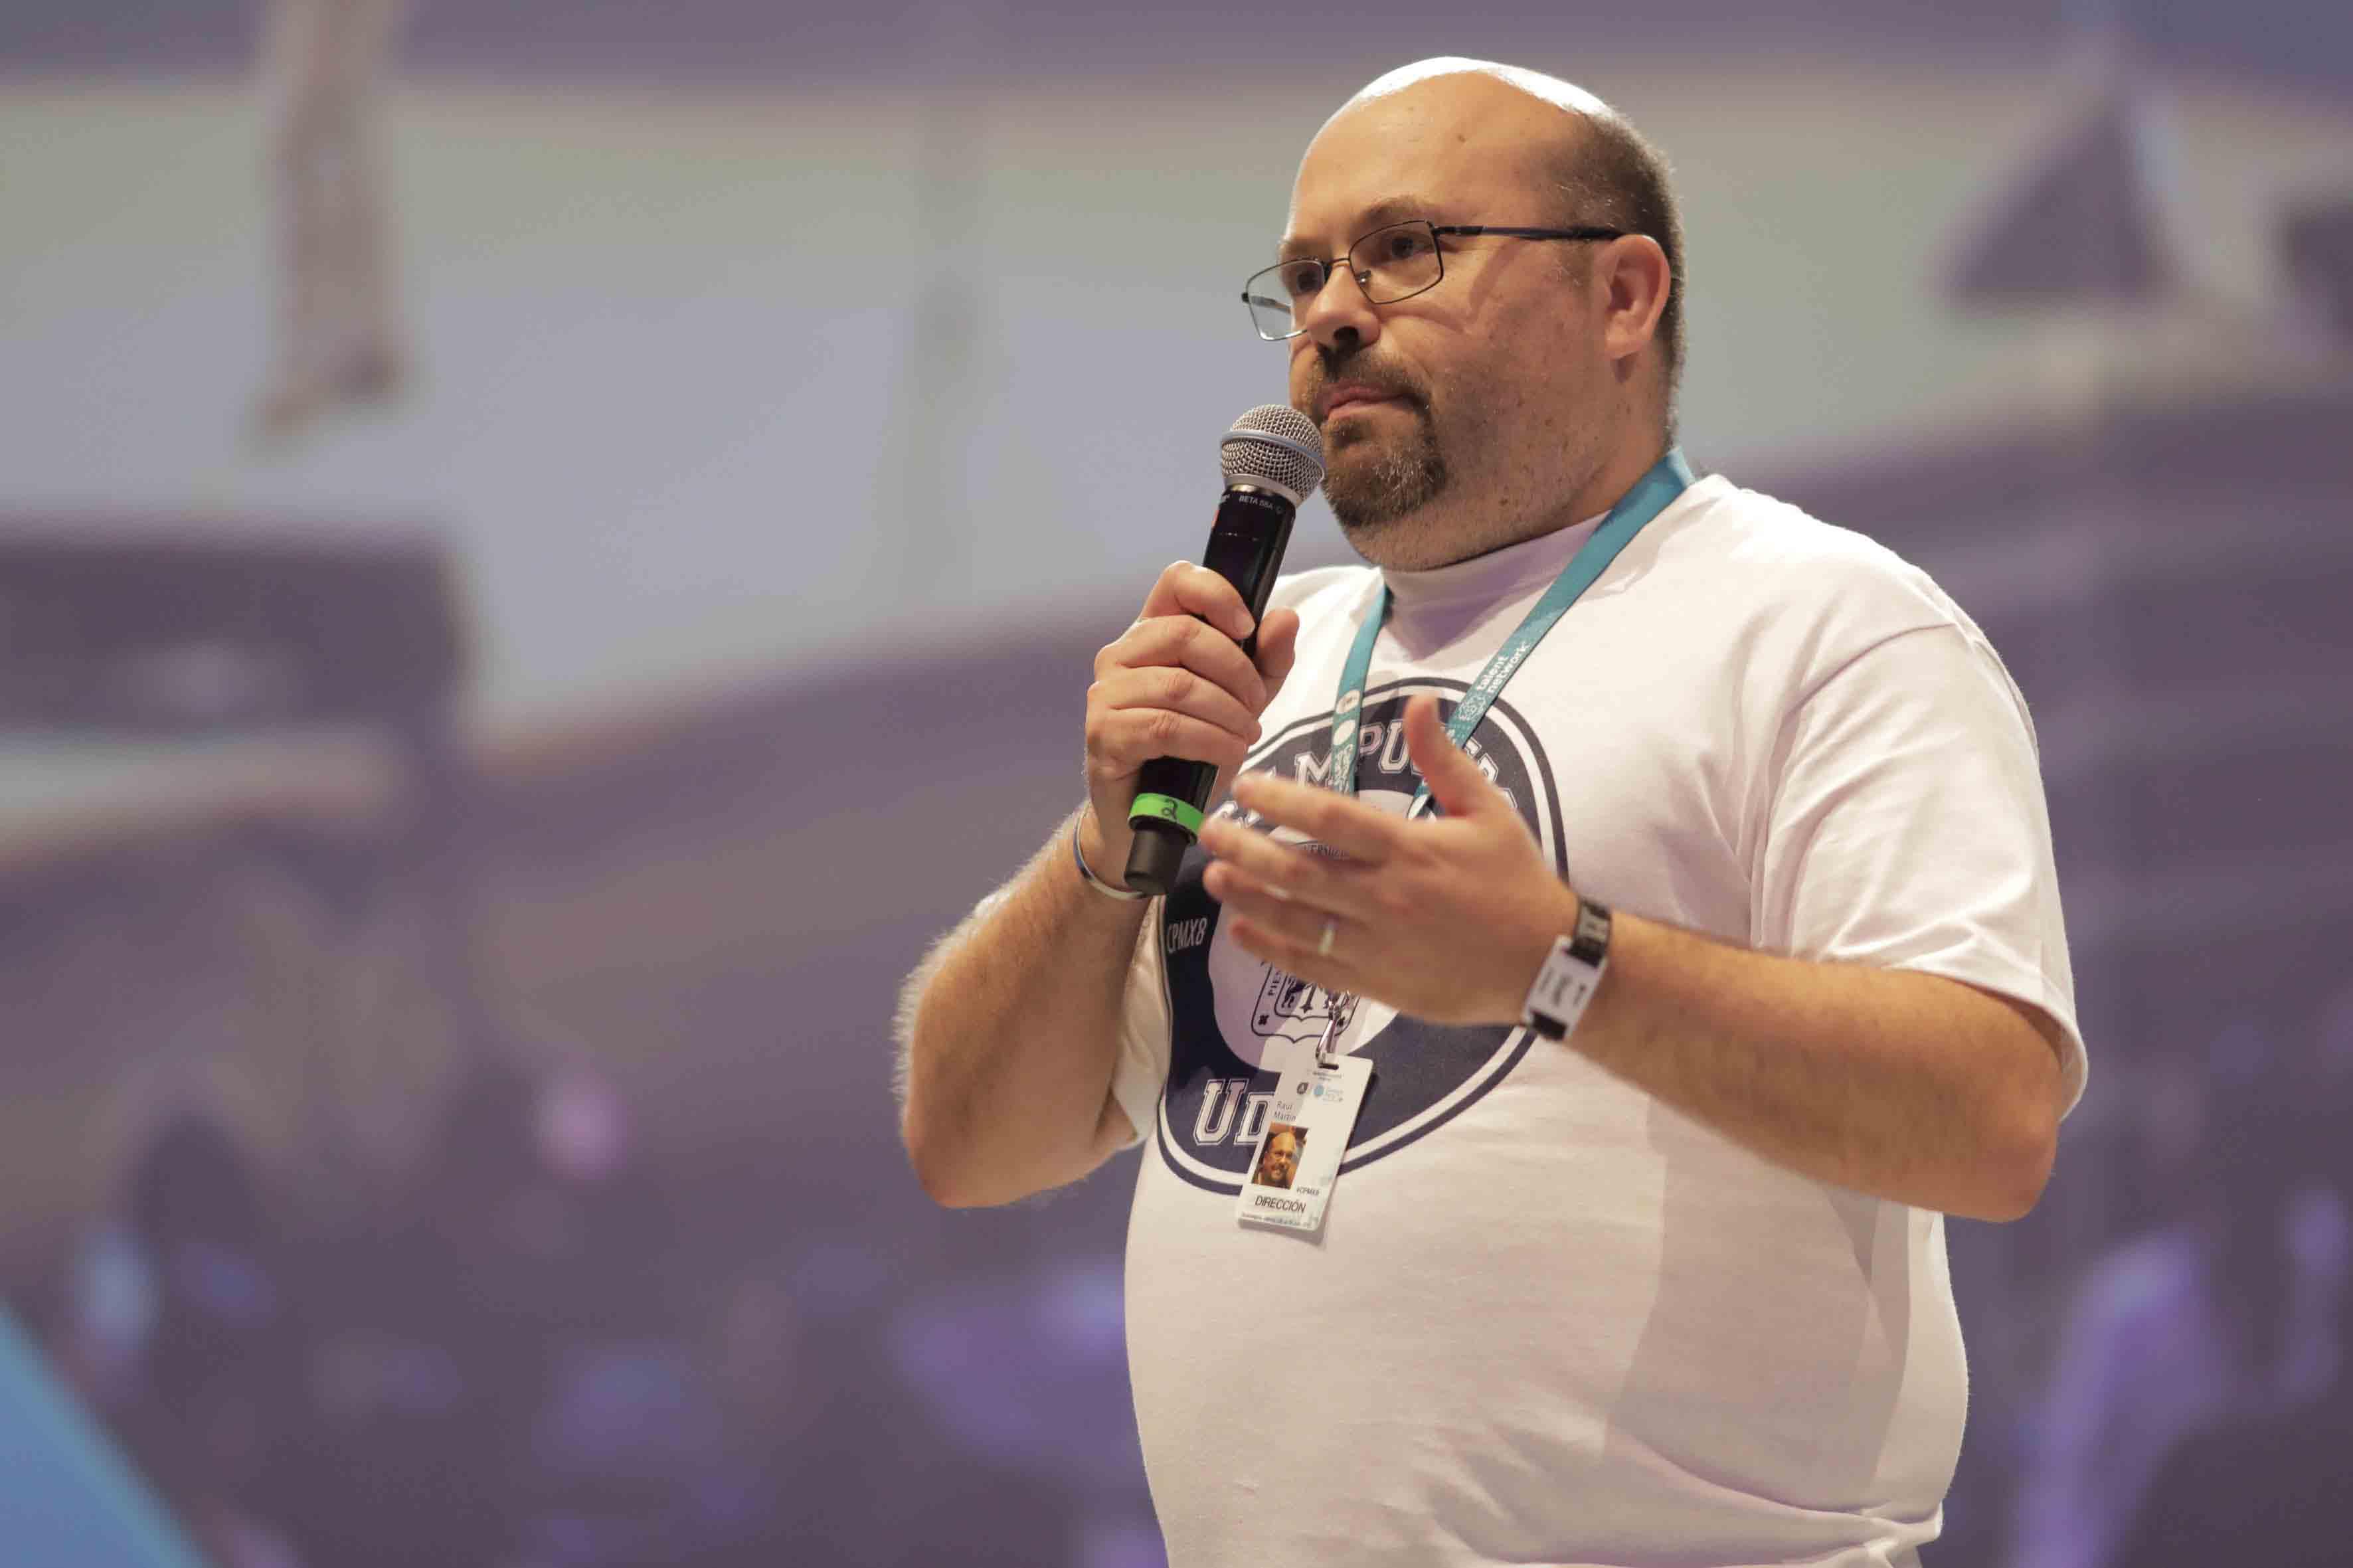 Raúl Martín Porcel, director general de Campus Party México, con micrófono en mano, haciendo uso de la voz.